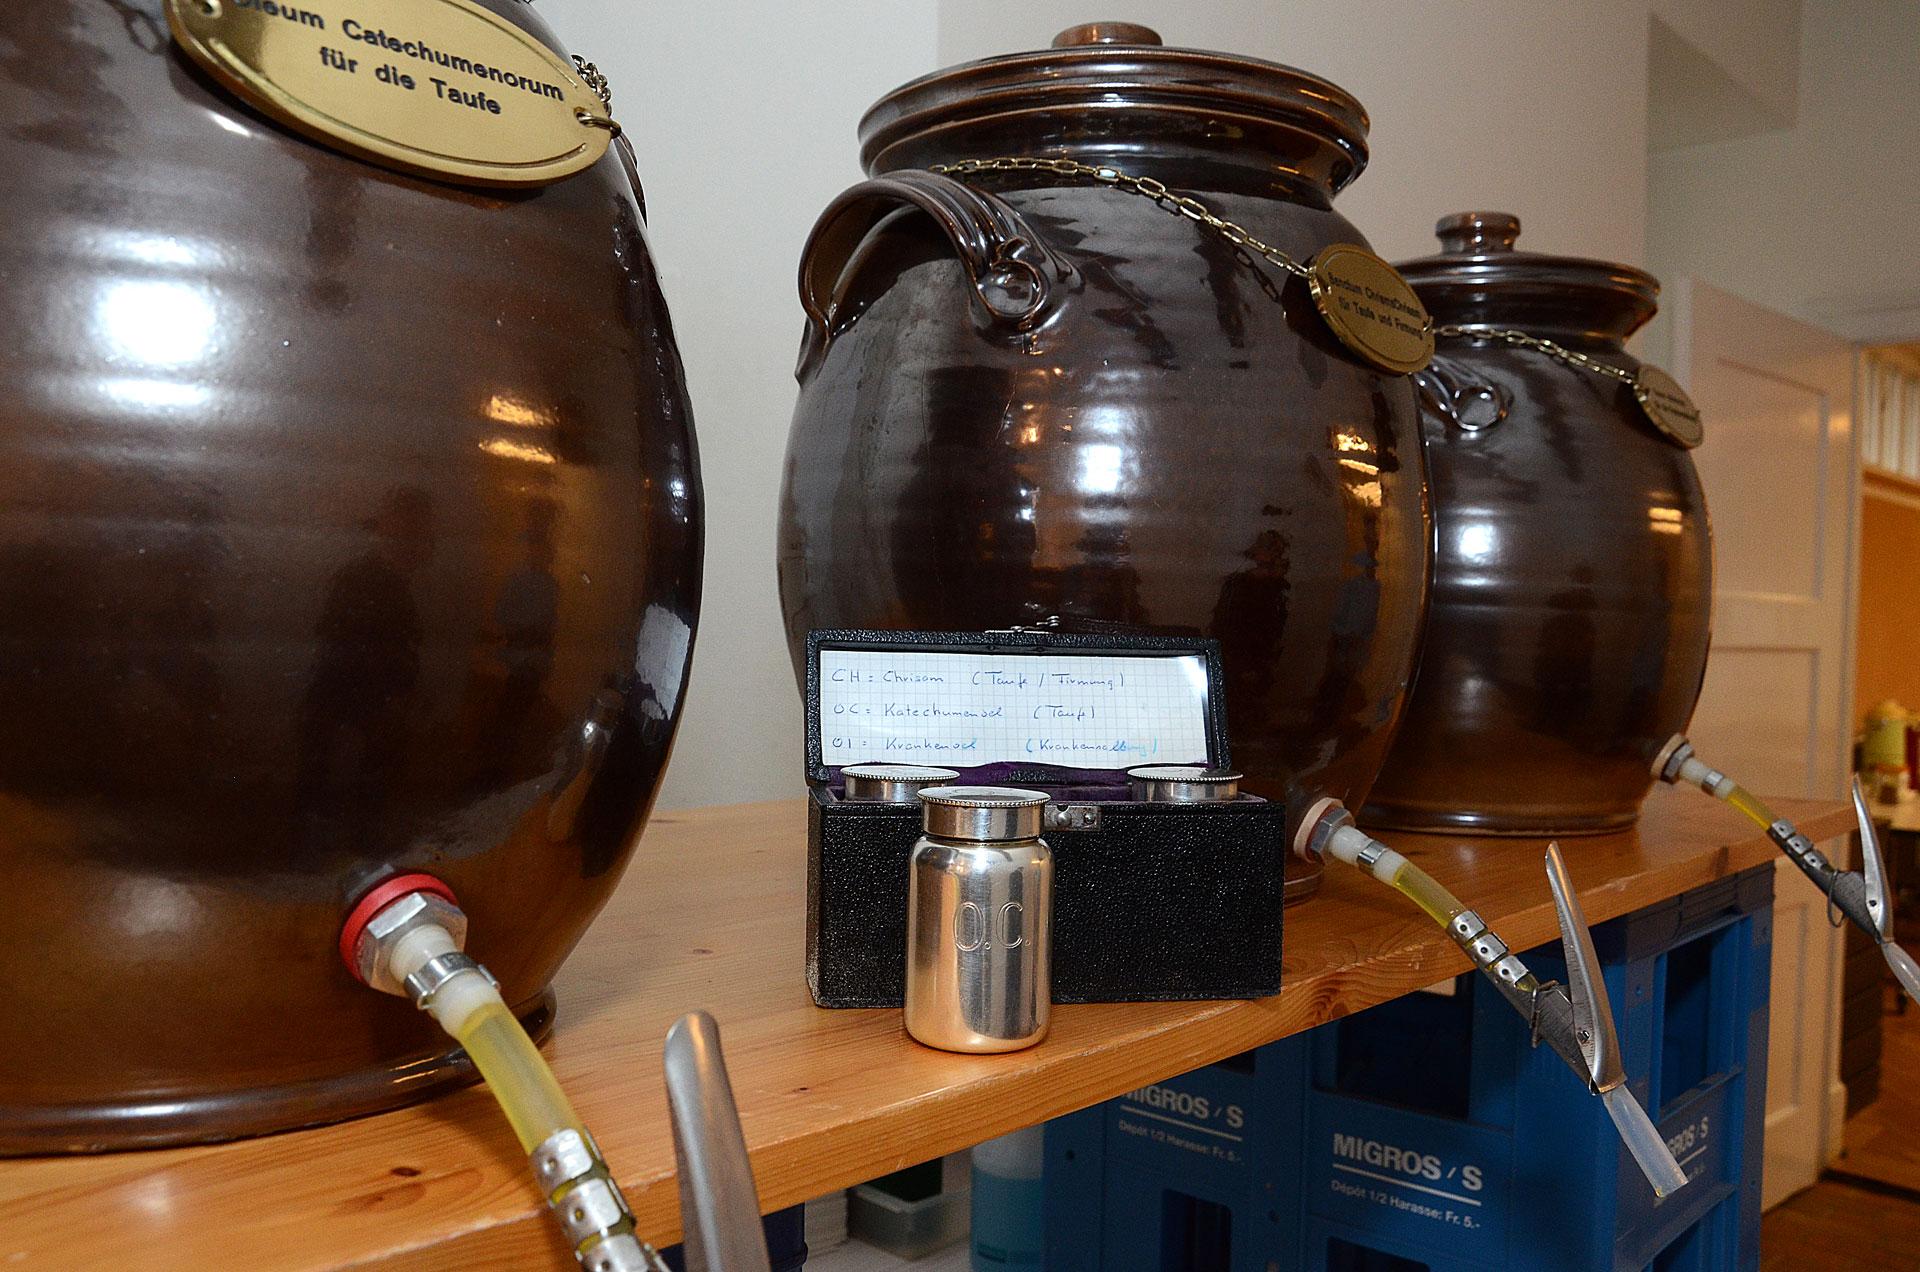 Die heiligen Öle in den drei grossen tönernen Amphoren, aus denen sie abgefüllt werden. Viele Pfarreien haben dafür kleine silberne Gefässe in samtbeschlagenen Behältnissen. | © 2016 Dominik Thali